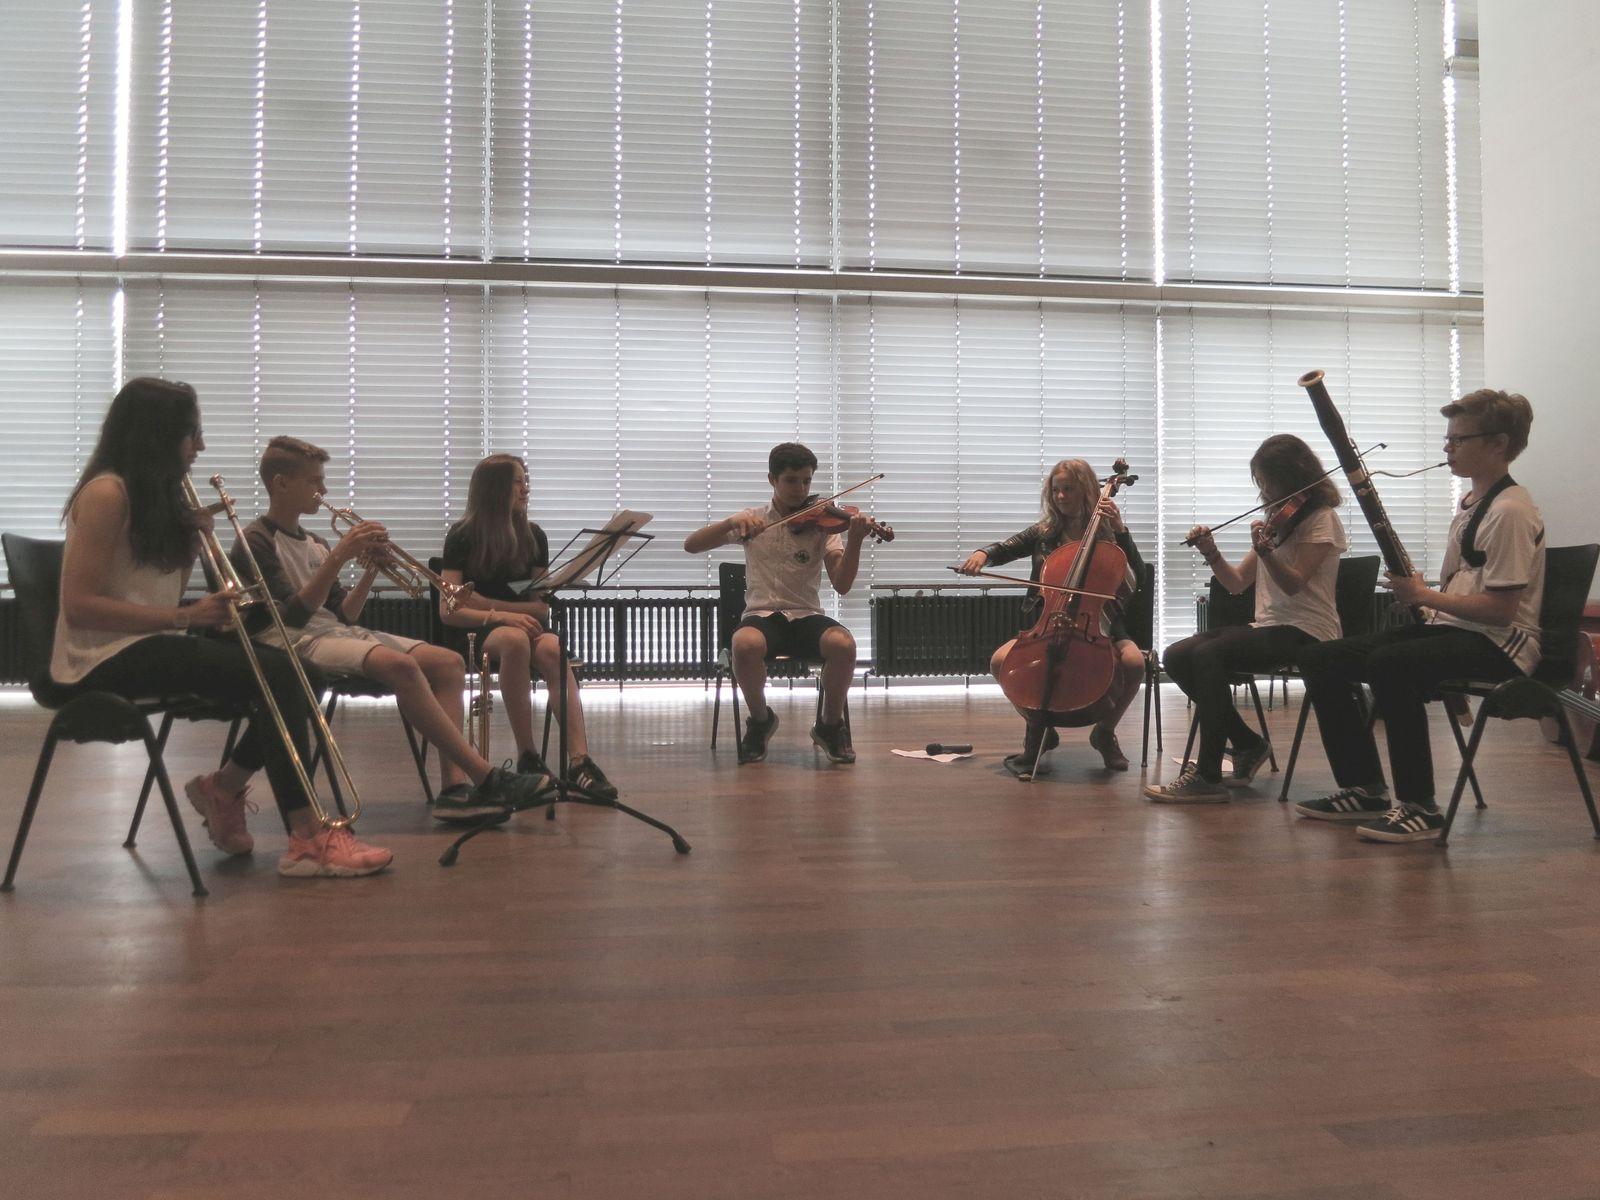 Schüler musizieren mit dem AsianArt Ensemble im Museum für Asiatische Kunst. (c) Museum für Asiatische KunstSchüler musizieren mit dem AsianArt Ensemble im Museum für Asiatische Kunst. (c) Museum für Asiatische Kunst